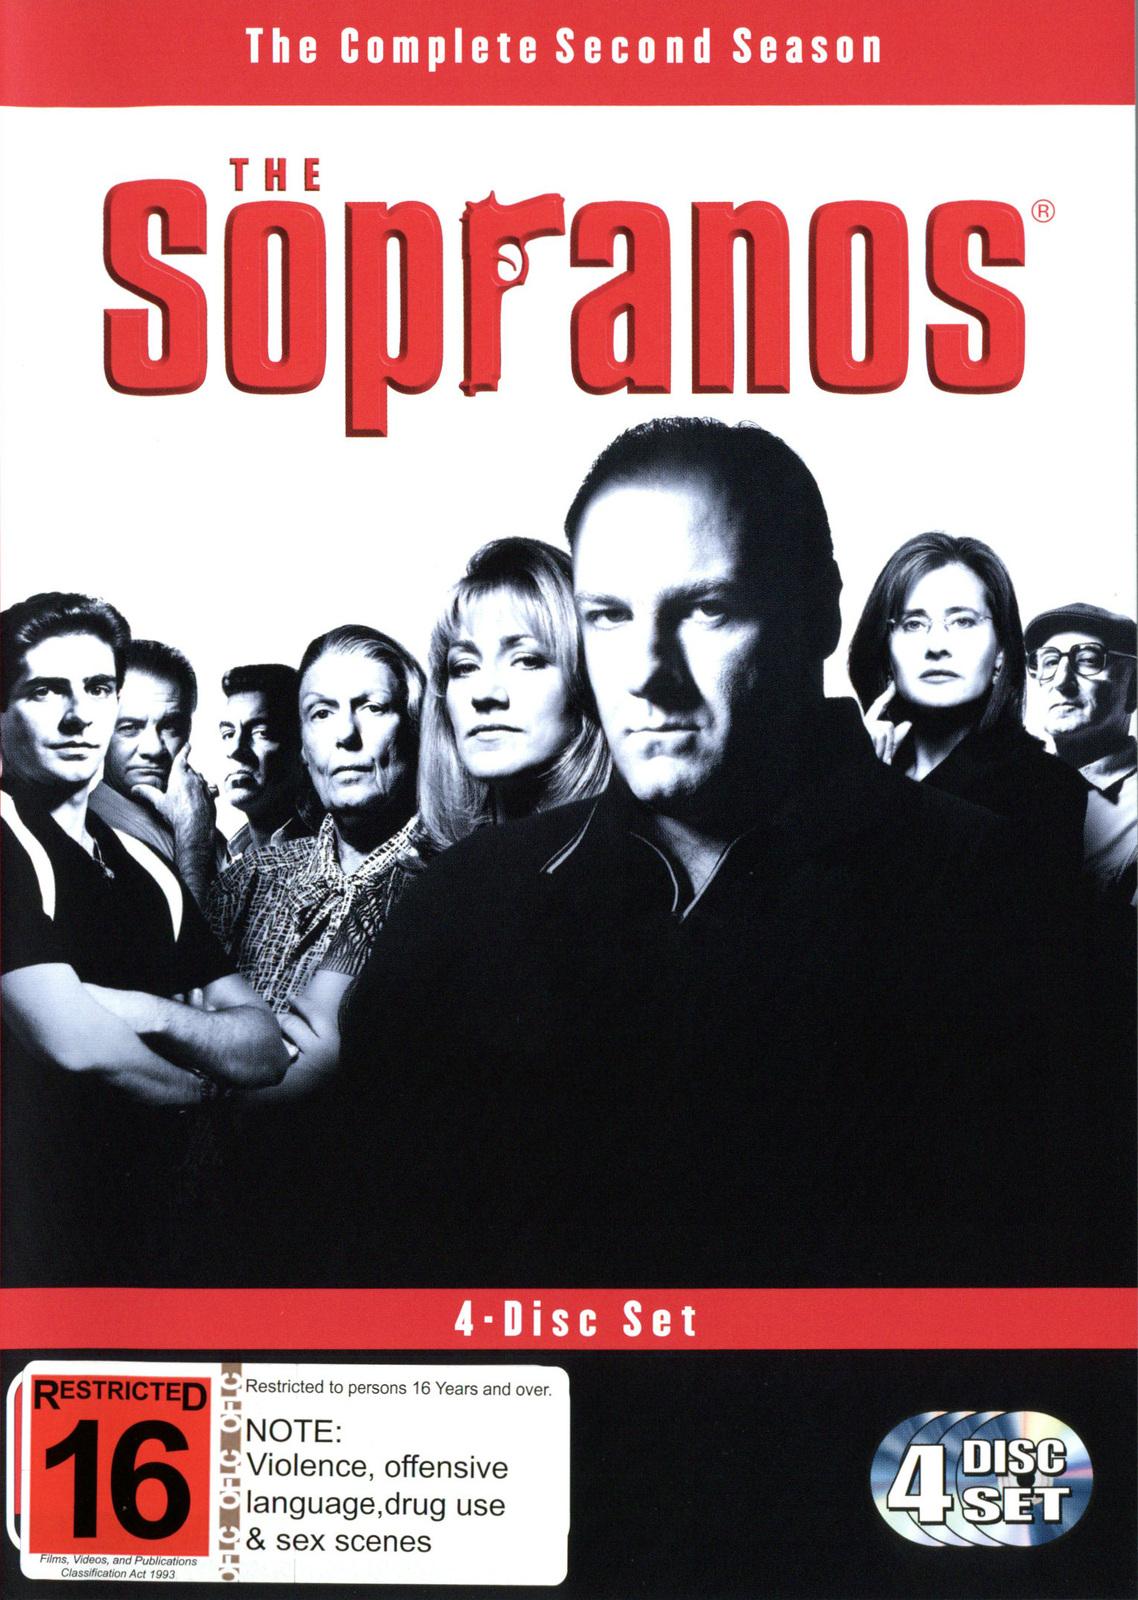 The Sopranos - Season 2 (4 Disc Box Set) on DVD image